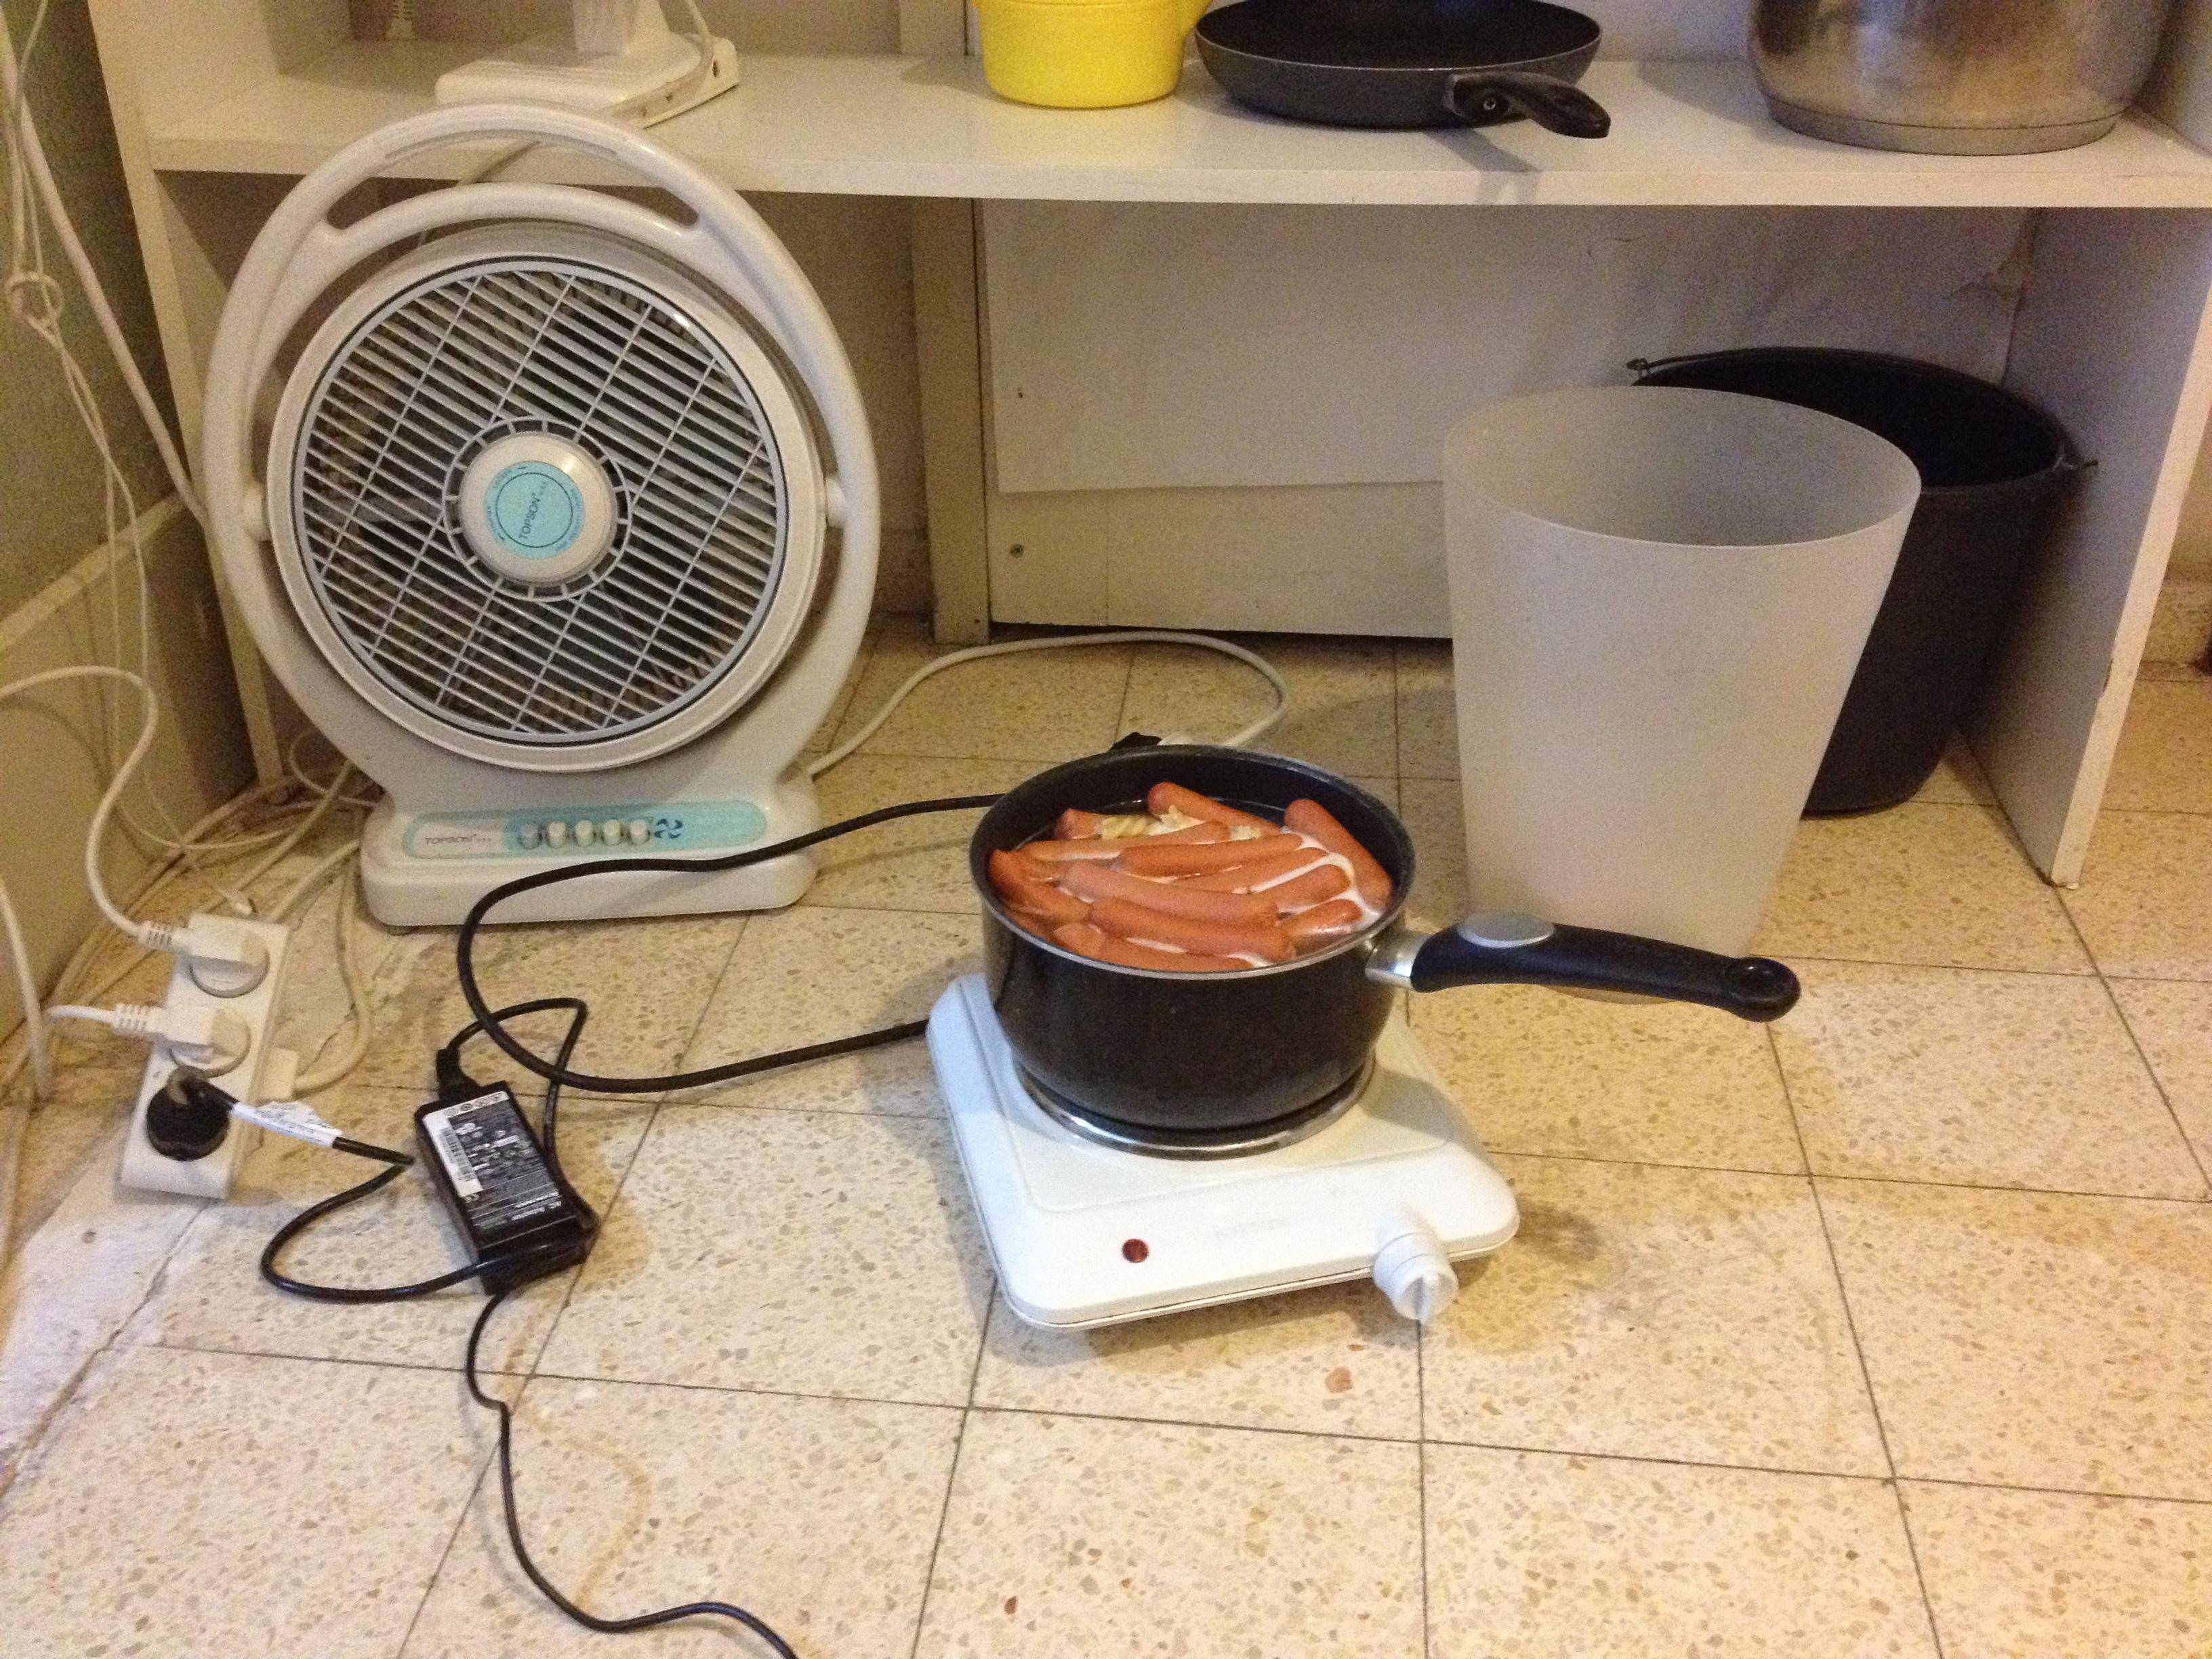 Min kogeplade på værelset